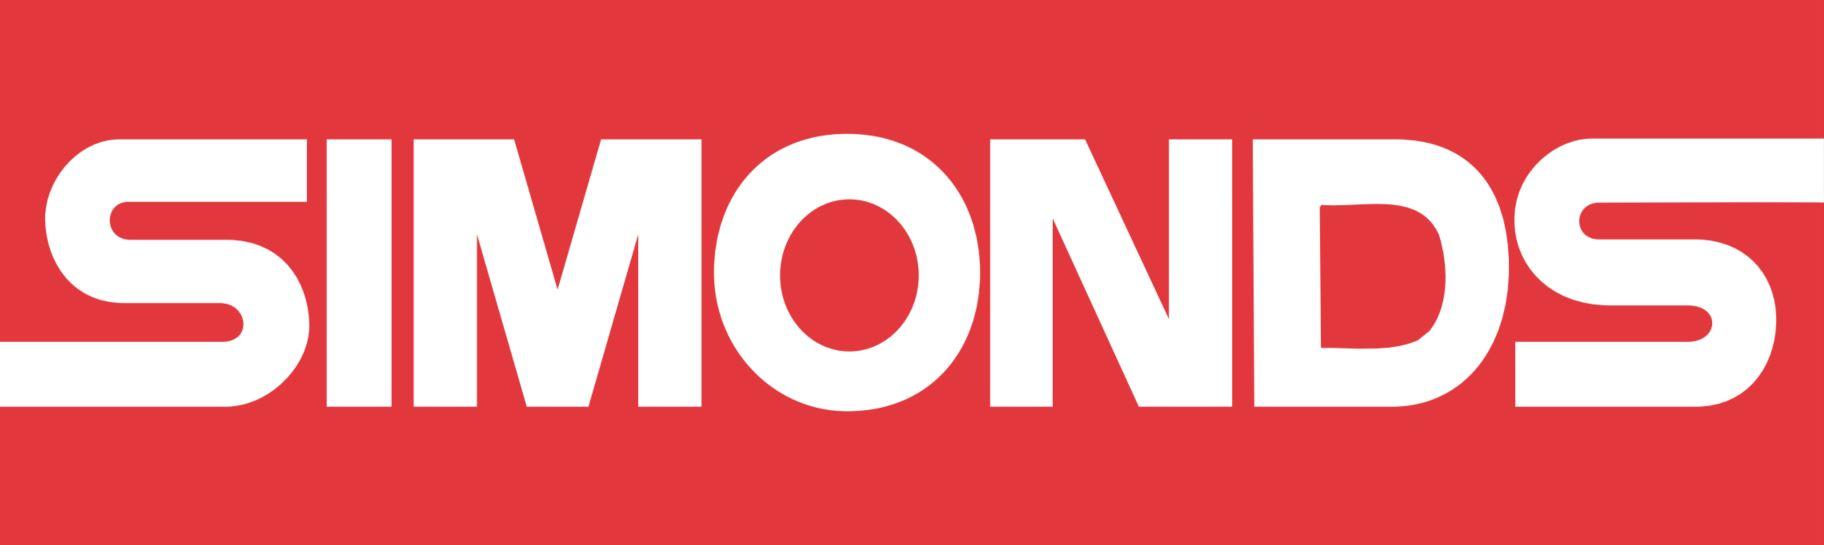 Simonds-Master-Logo-Hi-Res-002